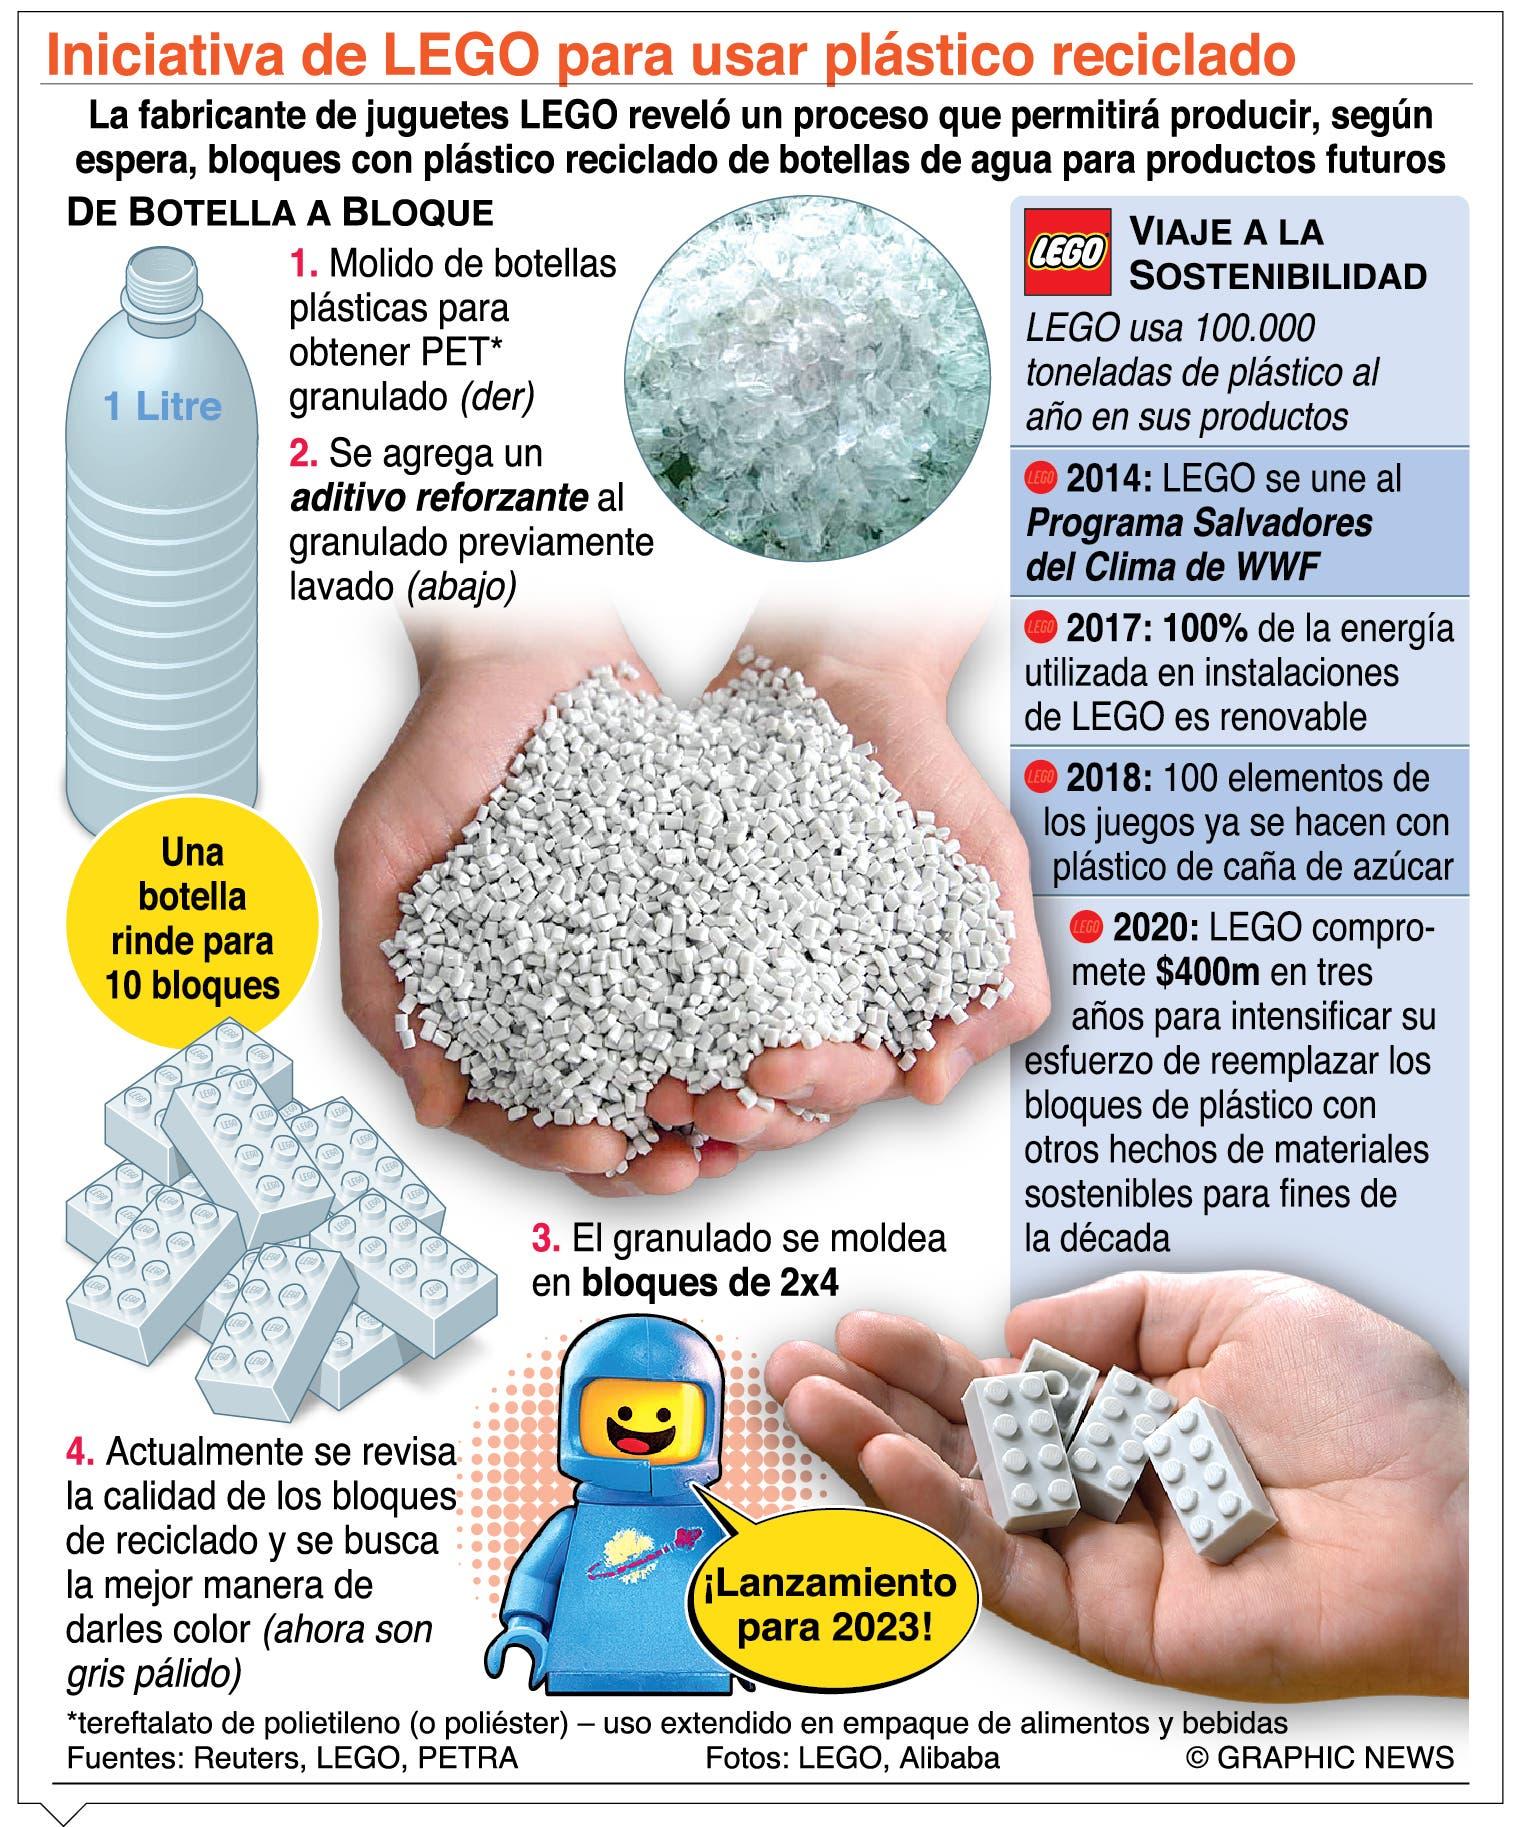 Empresas batallan contra uso plástico